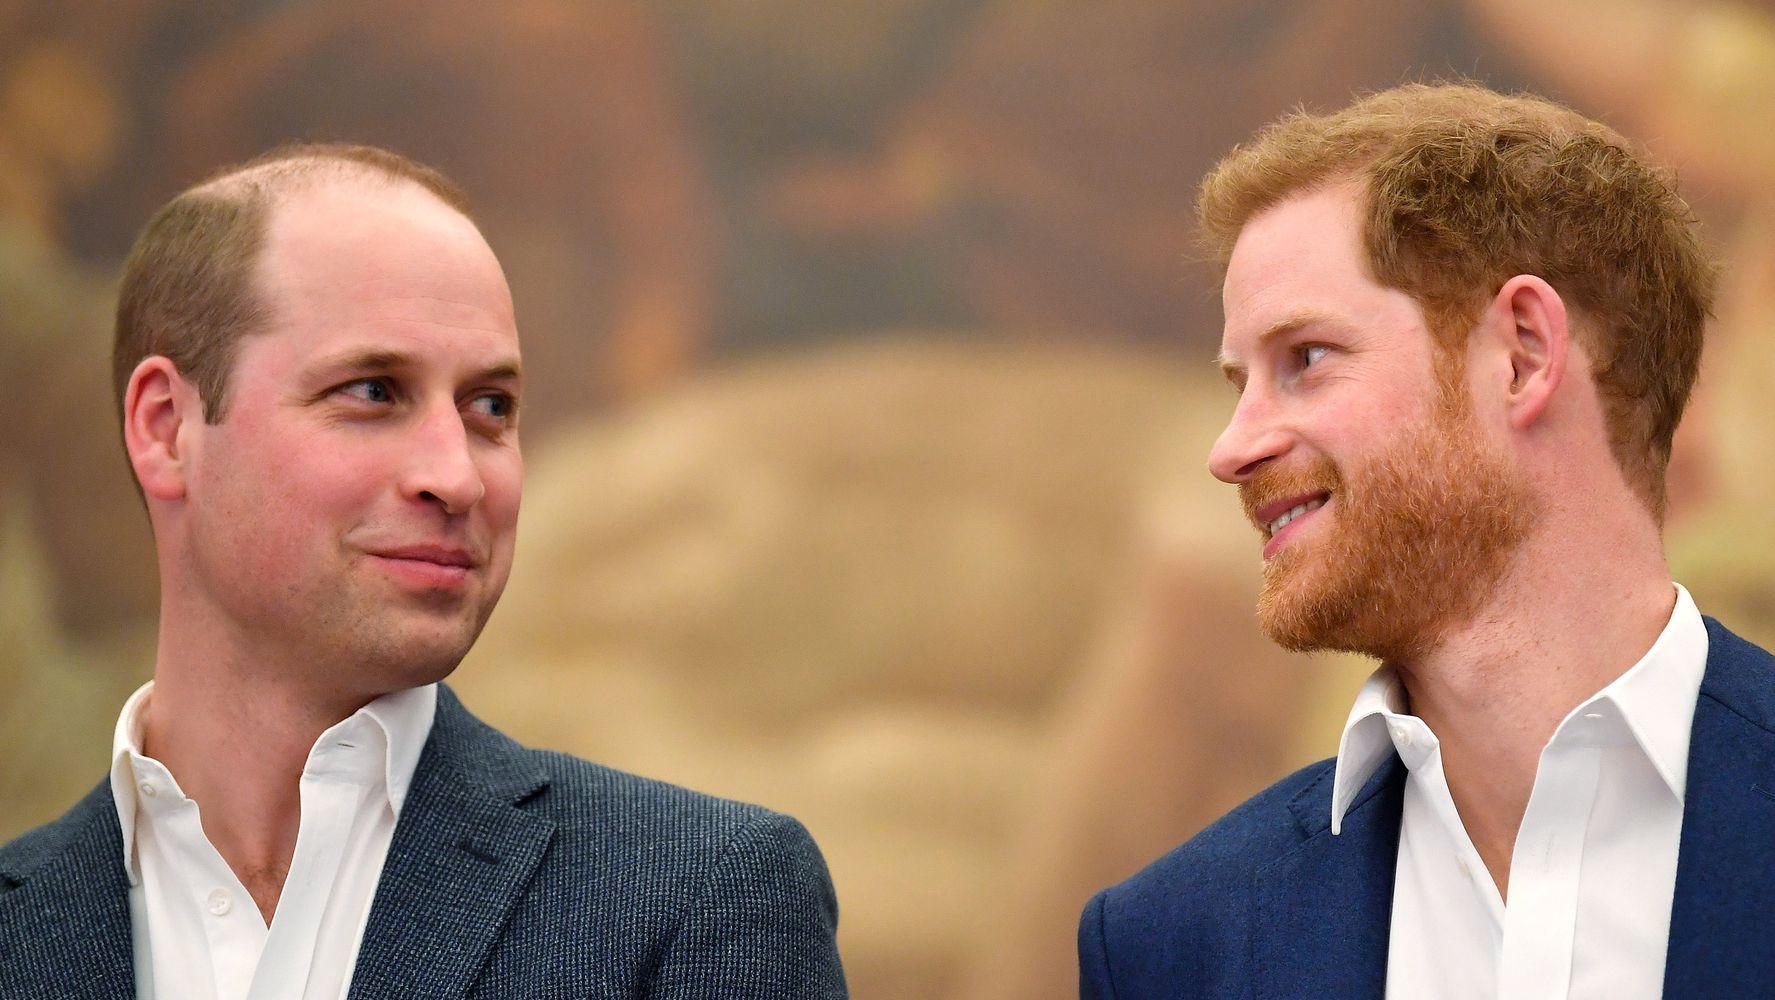 Принц Гарри говорит об изменении отношений с принцами Чарльзом и Уильямом